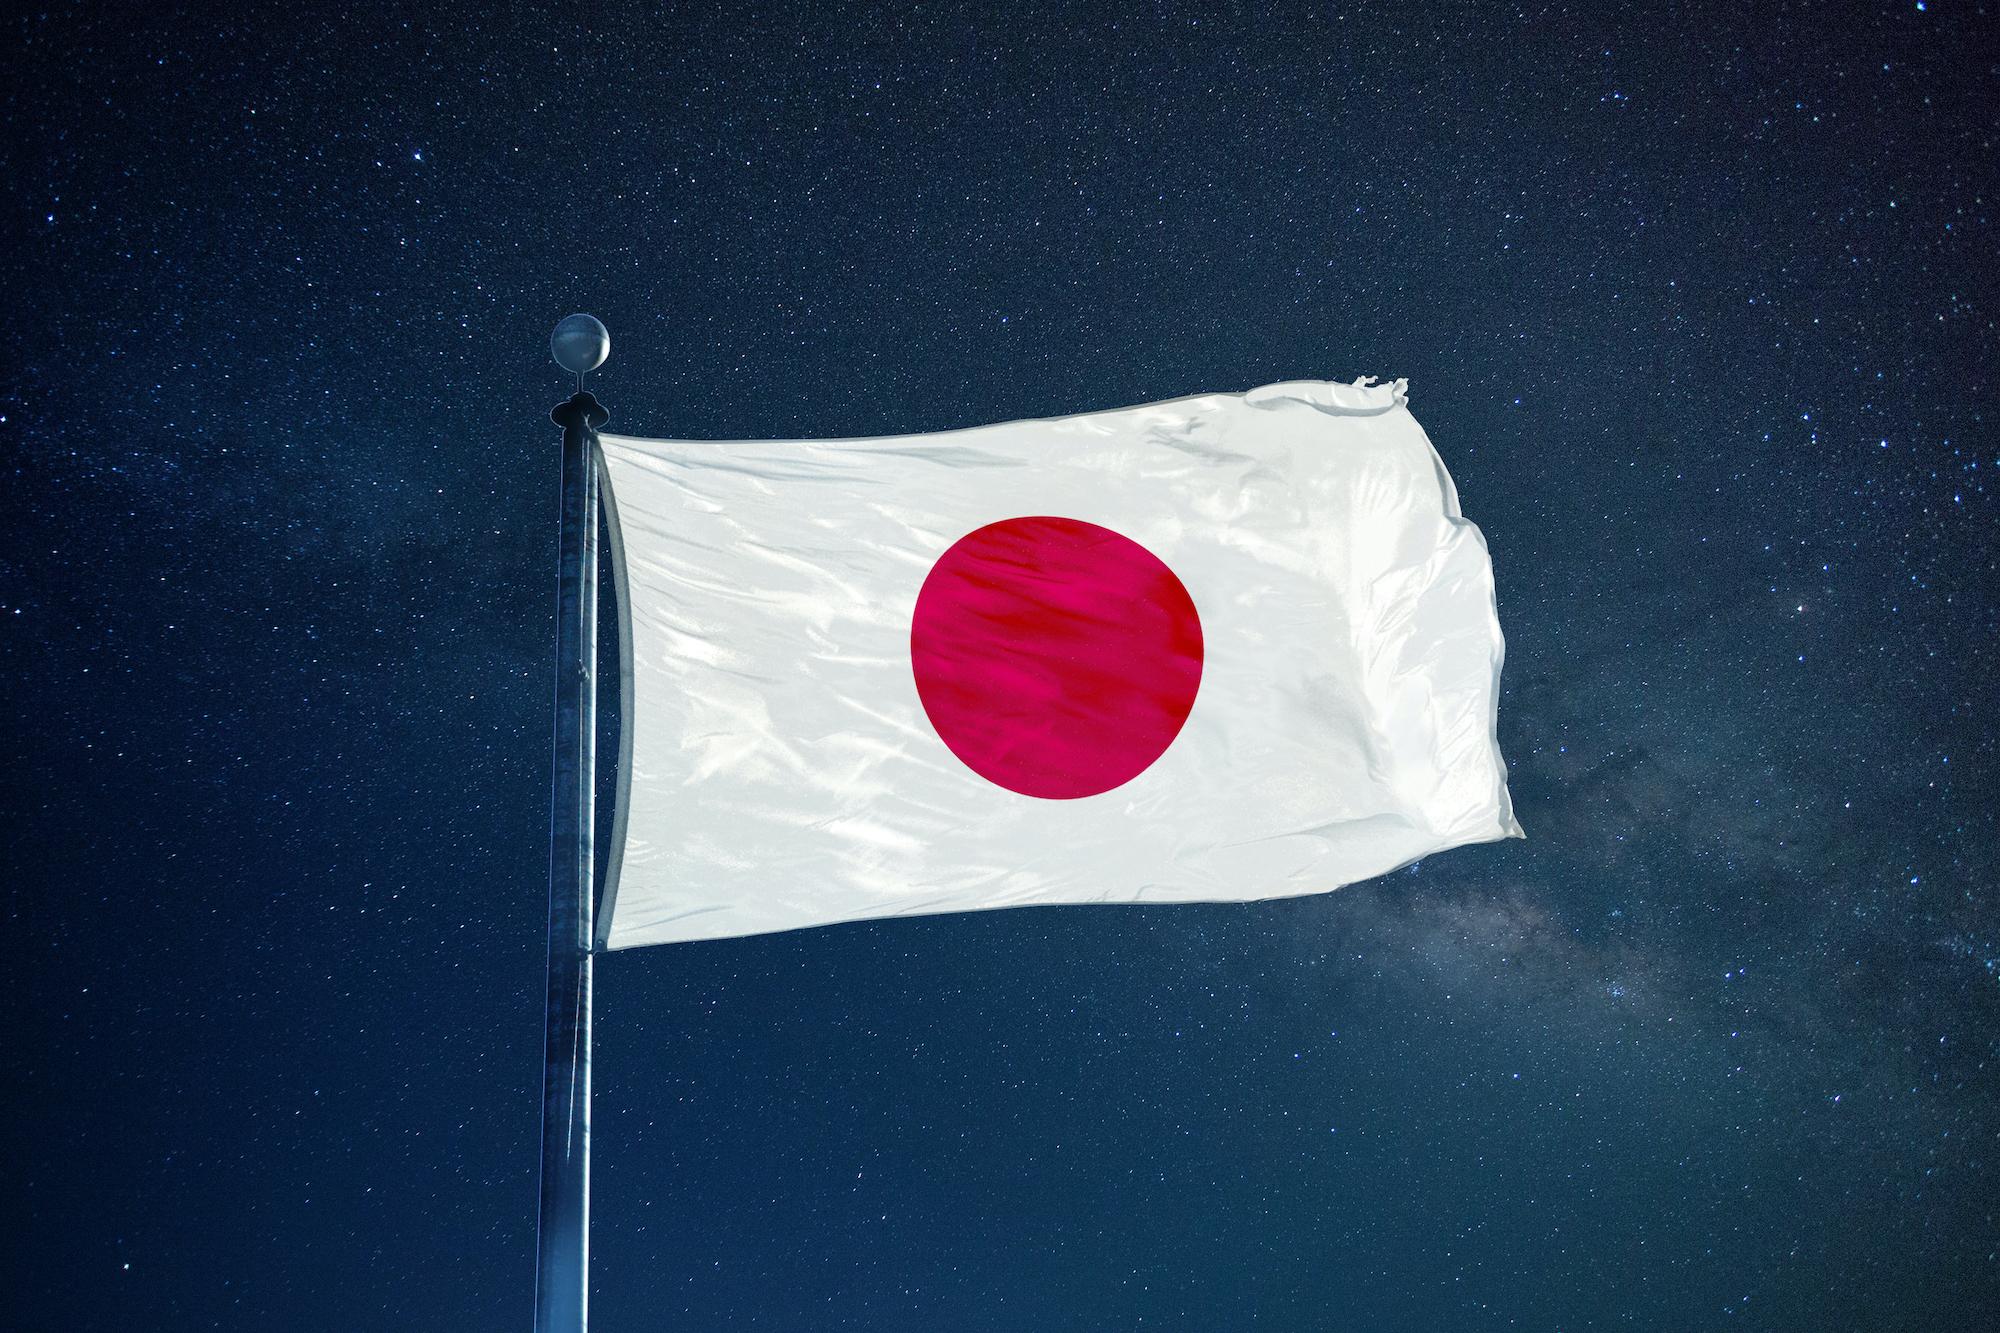 القوة الناعمة في اليابان